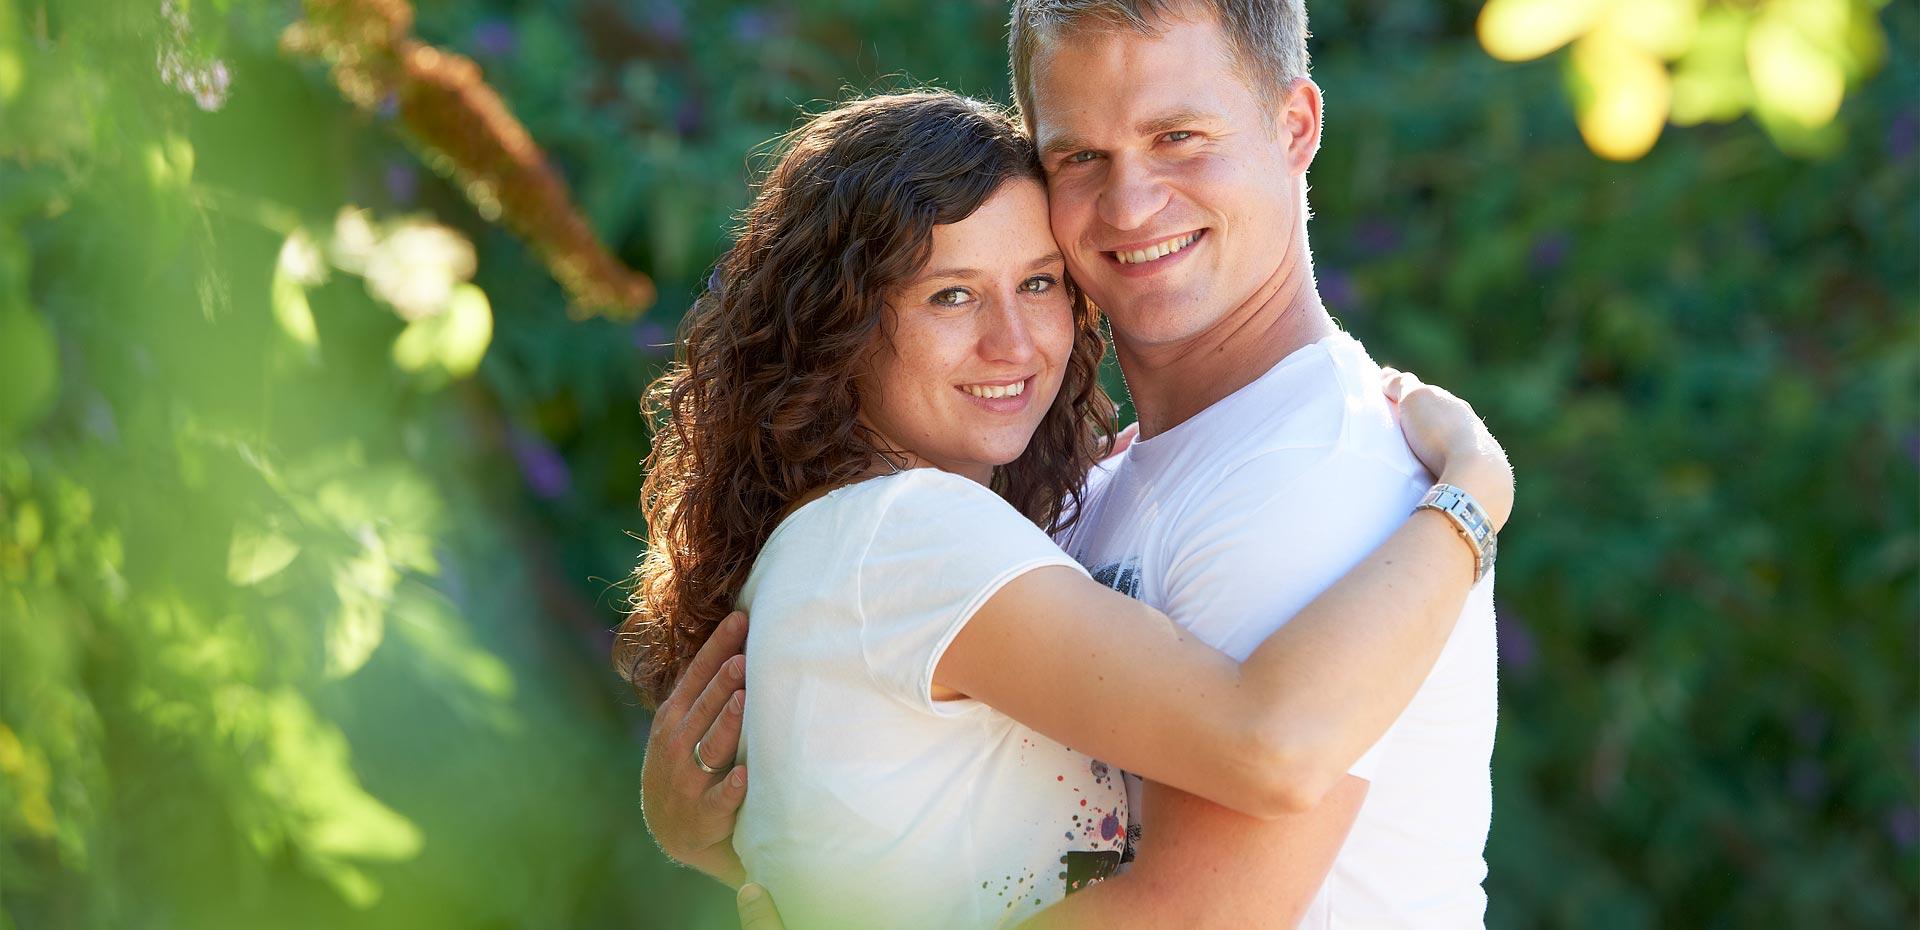 Glückliches junges Paar umarmt sich